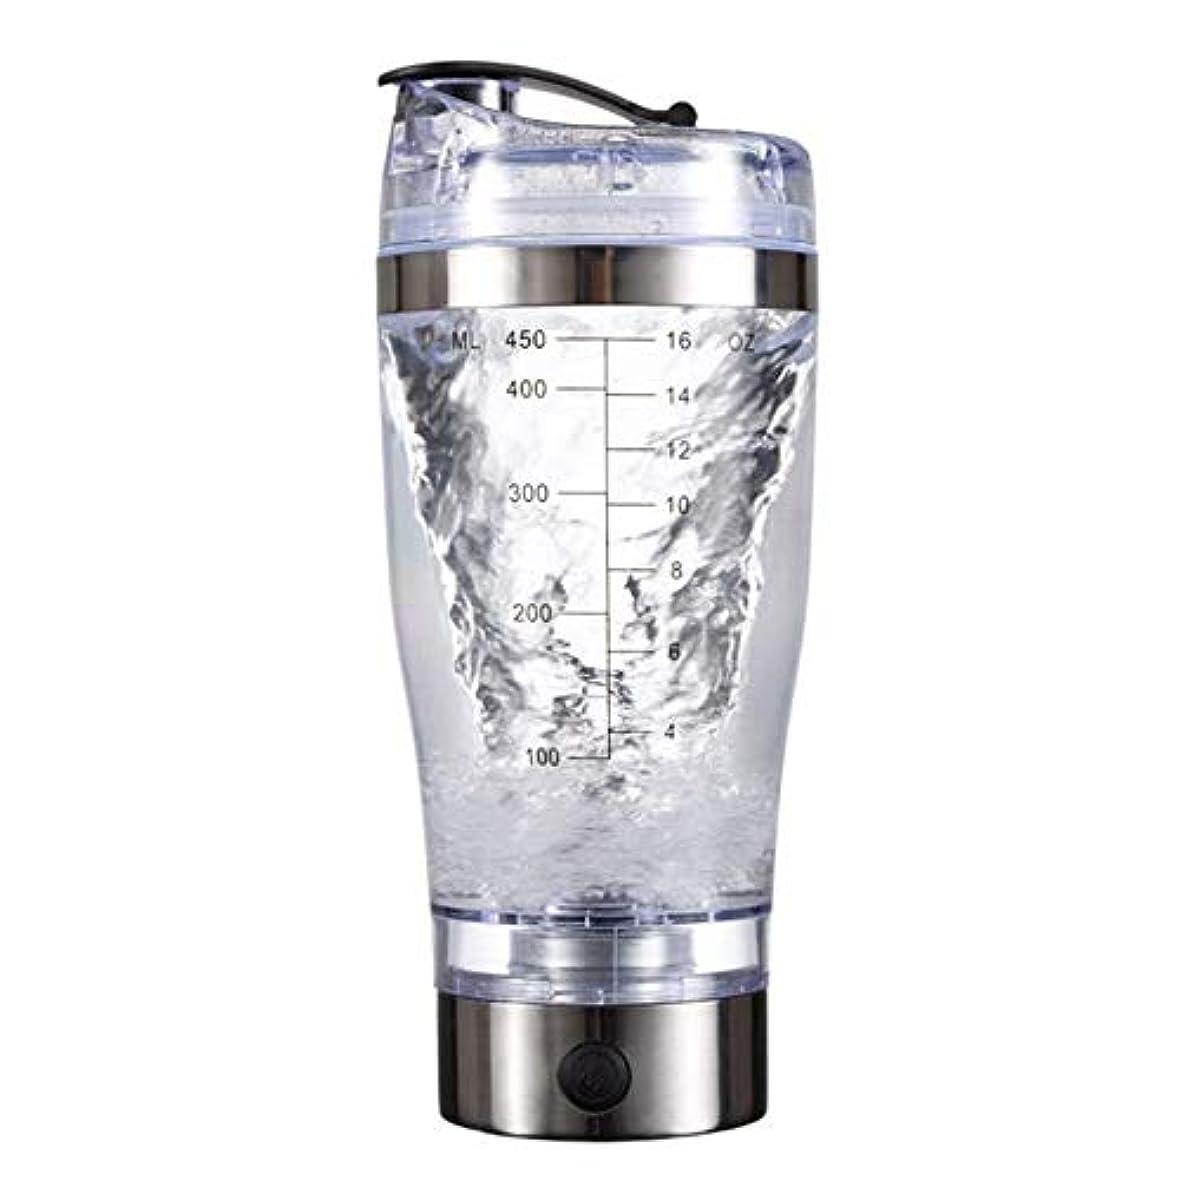 敬なギャラリー十億Alioay 電動シェーカー プロテインシェーカー プロテインミキサー シェーカーボトル ミキサー 電池式 450ml 多機能 コーヒーミキサー 自動 電池式 栄養補給 健康素材 漏れ防止